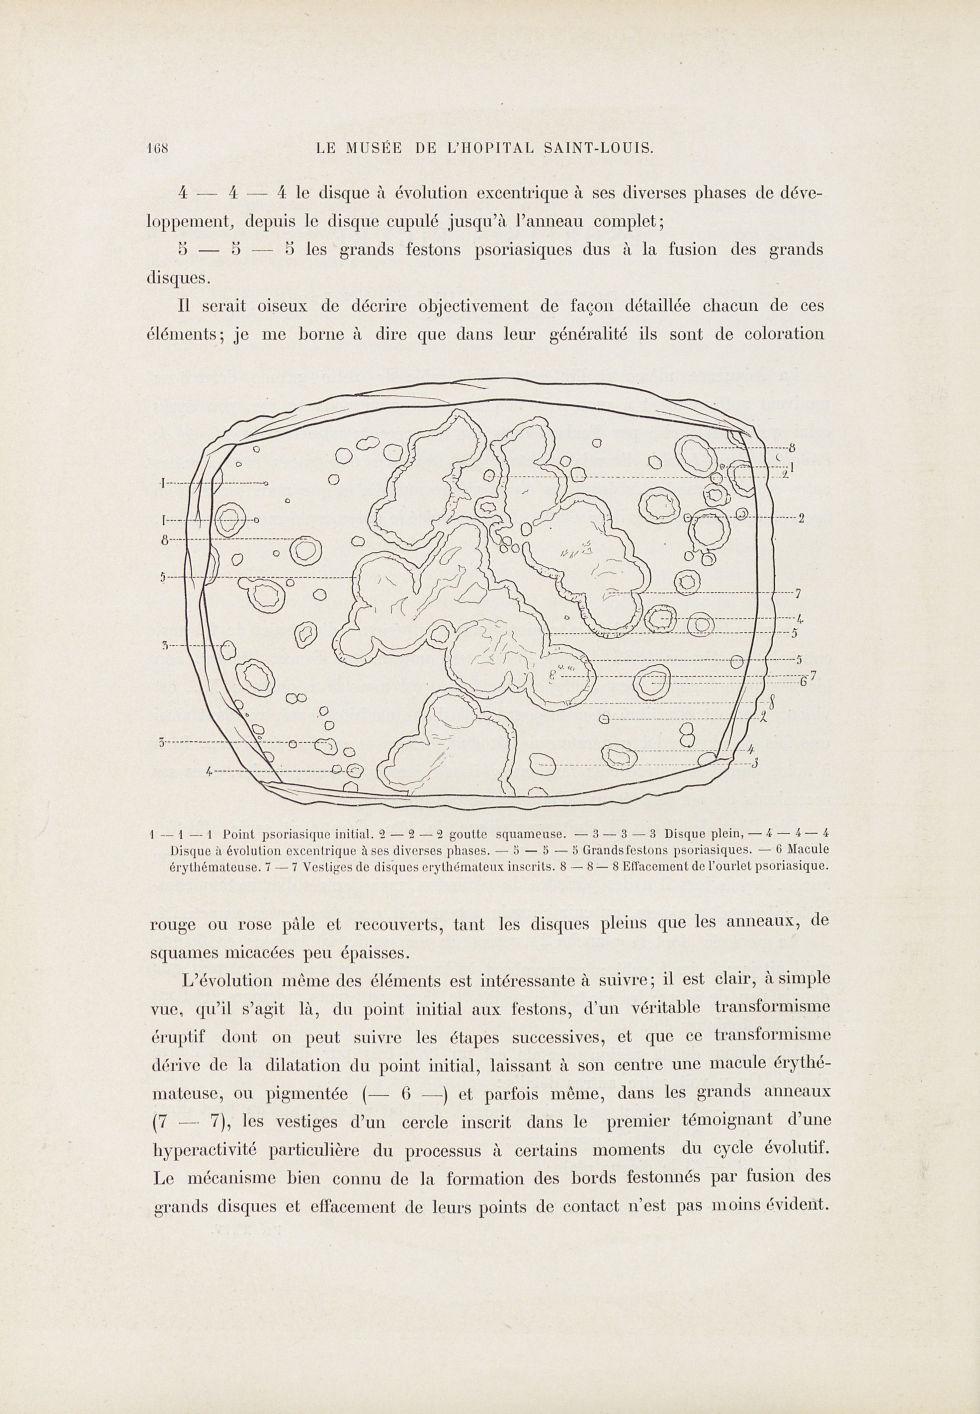 Psoriasis figuré - Le musée de l'hôpital Saint-Louis : iconographie des maladies cutanées et syphili [...] - Dermatologie (peau). 19e siècle (France) - med01740x0199